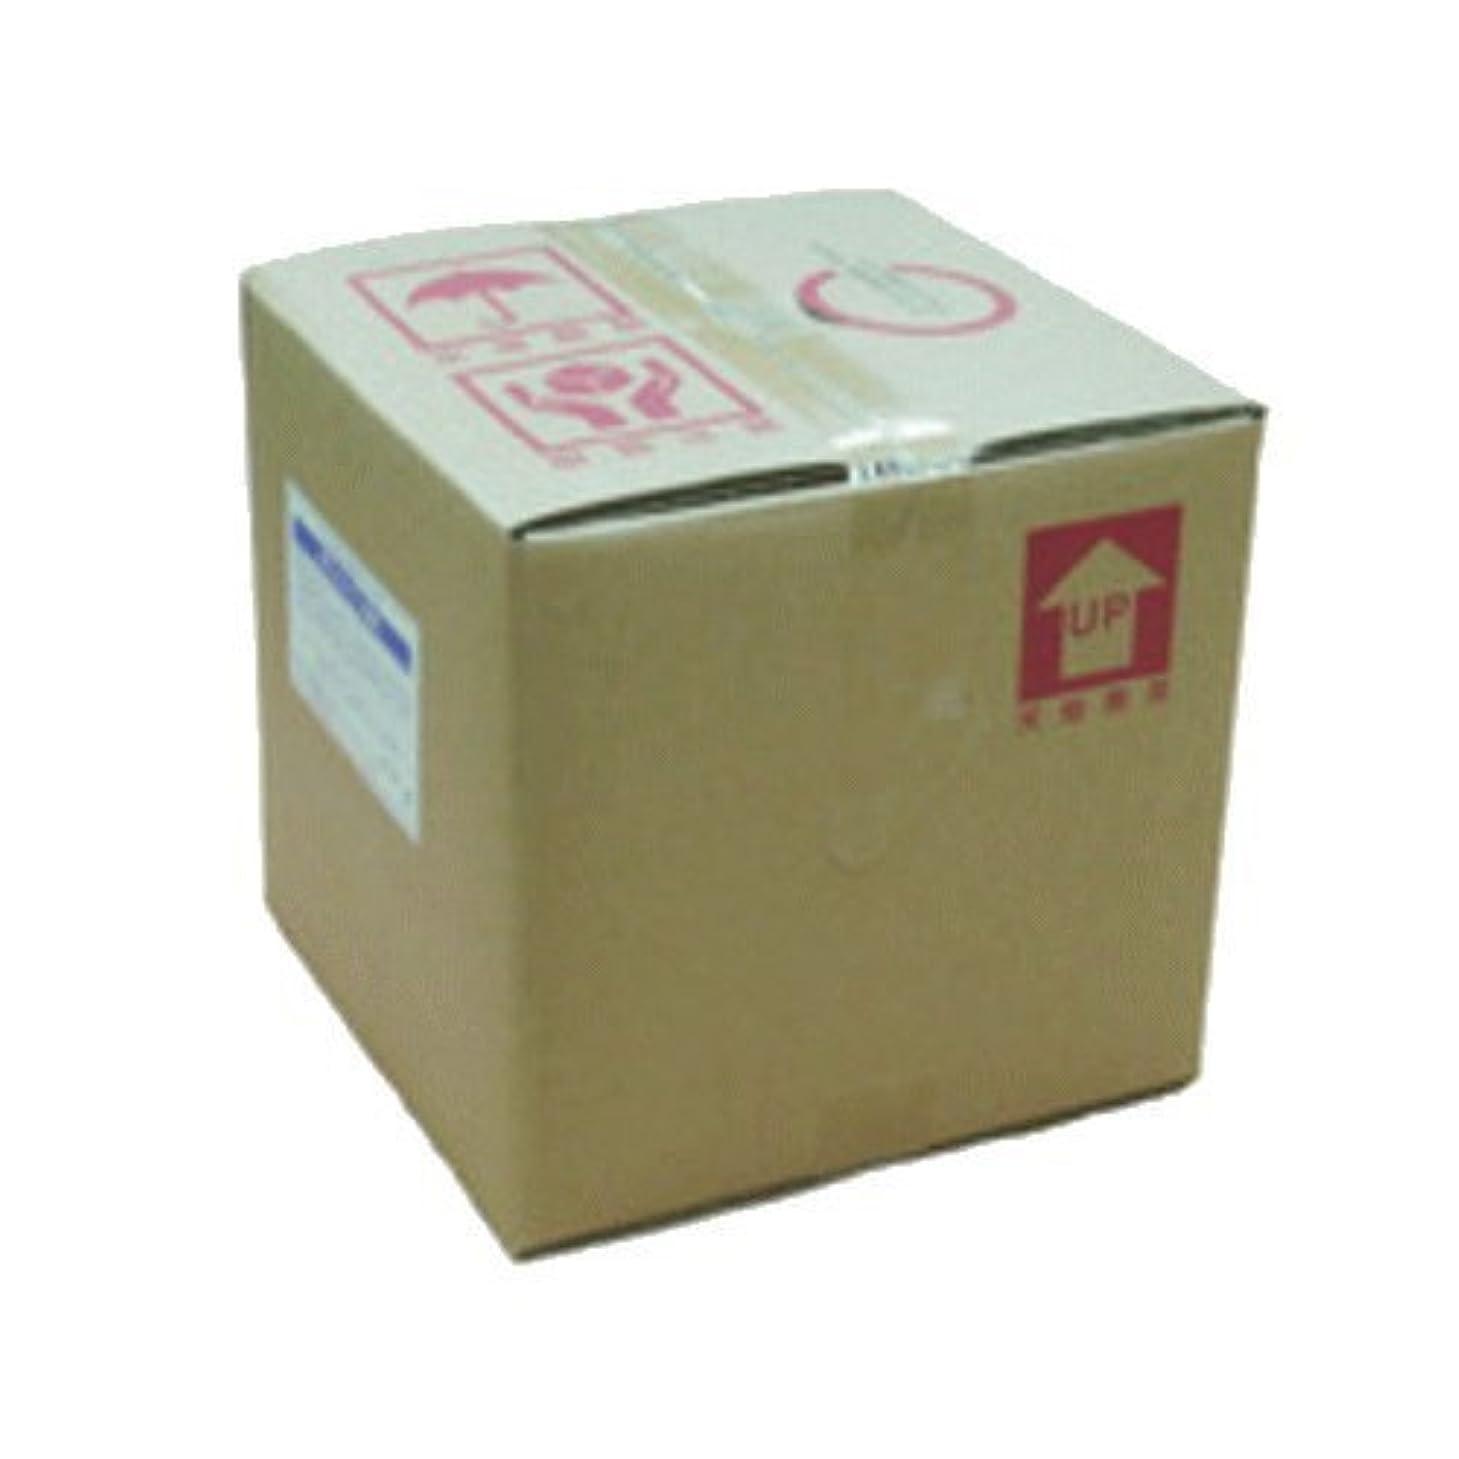 コンプライアンス決済徴収ウインドヒル 業務用コンディショナー(リンス) オレンジA-1 20L